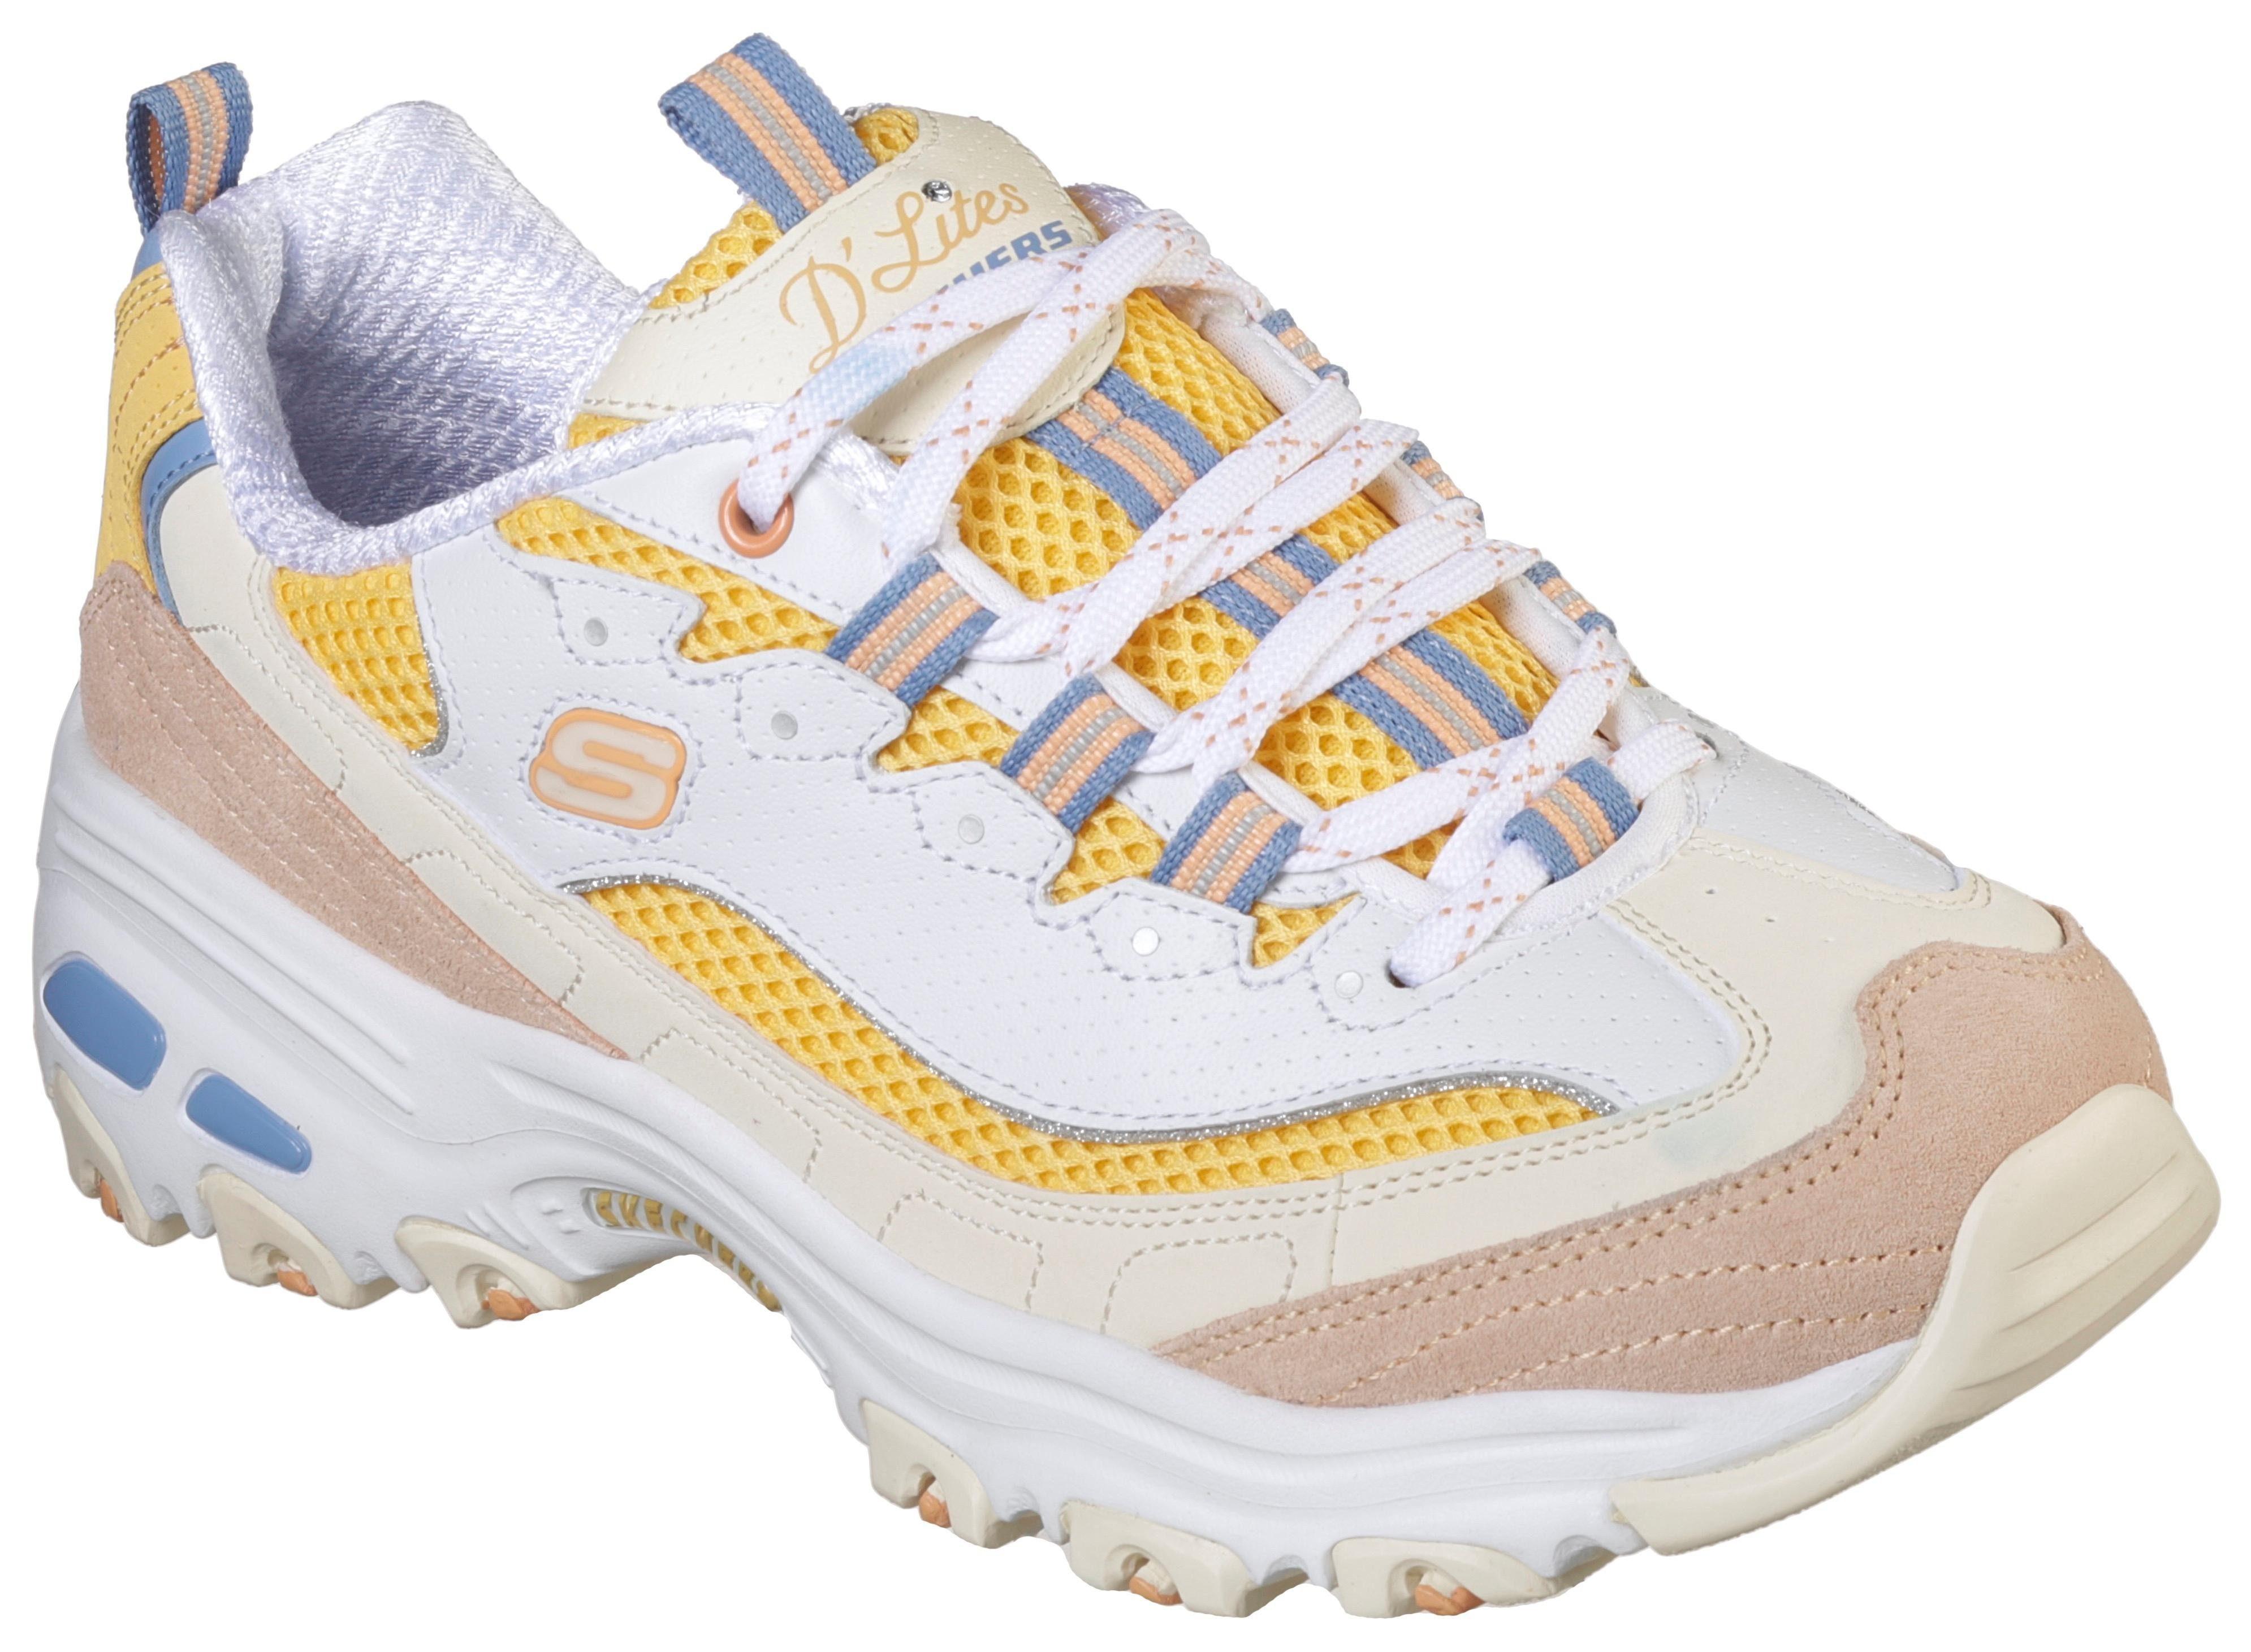 Skechers »D´Lites Biggest Fan« Sneaker im trendigen Ugly Style online kaufen | OTTO